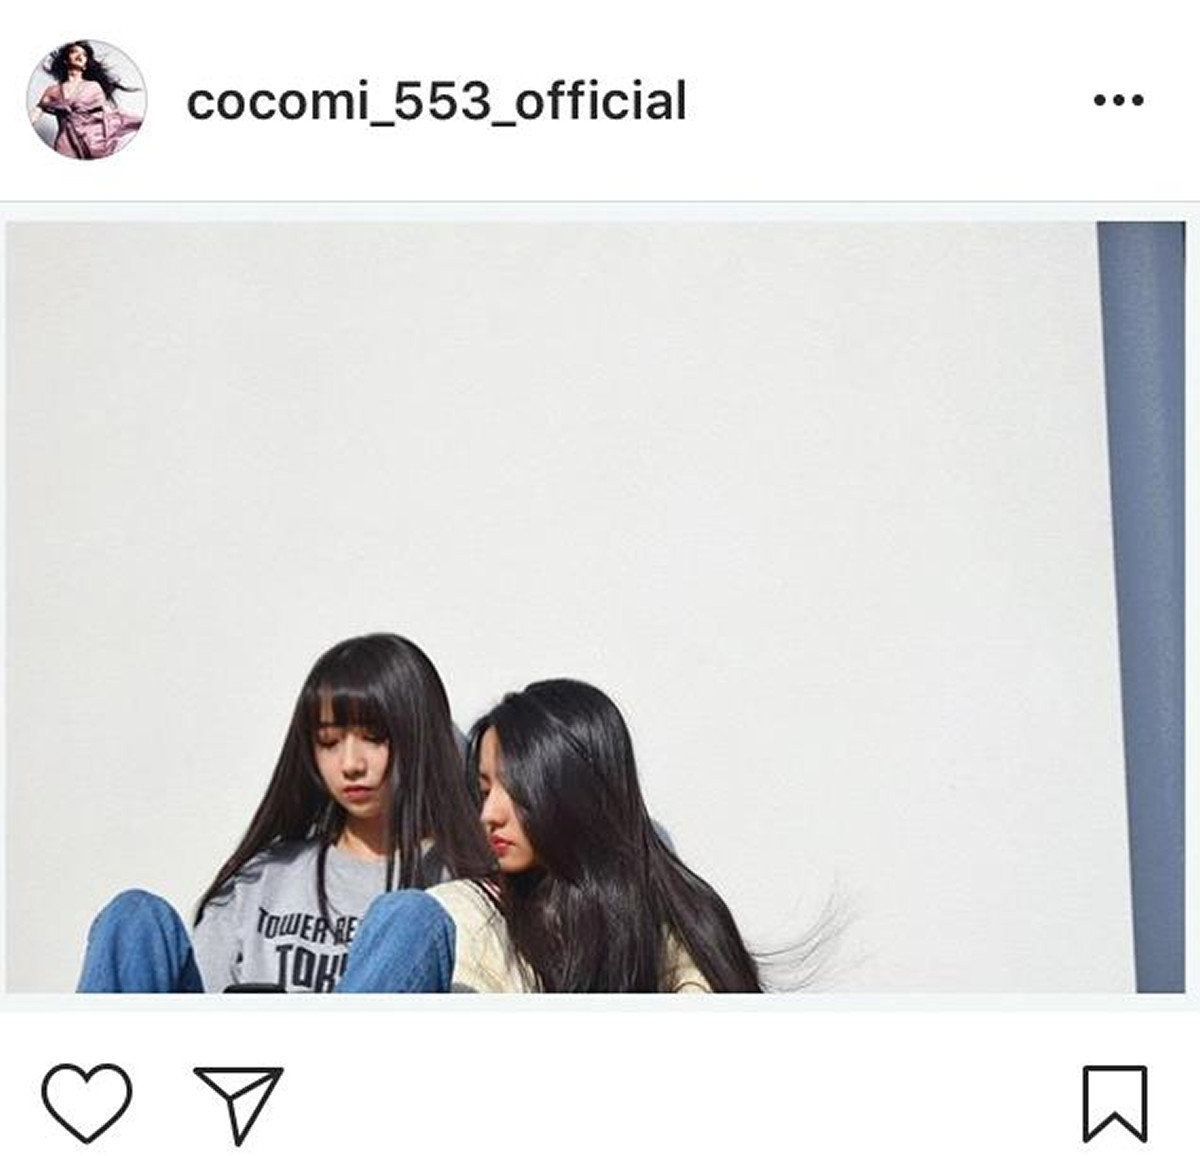 CocomiとKoki,の姉妹ショット(インスタグラムより@cocomi_553_official)